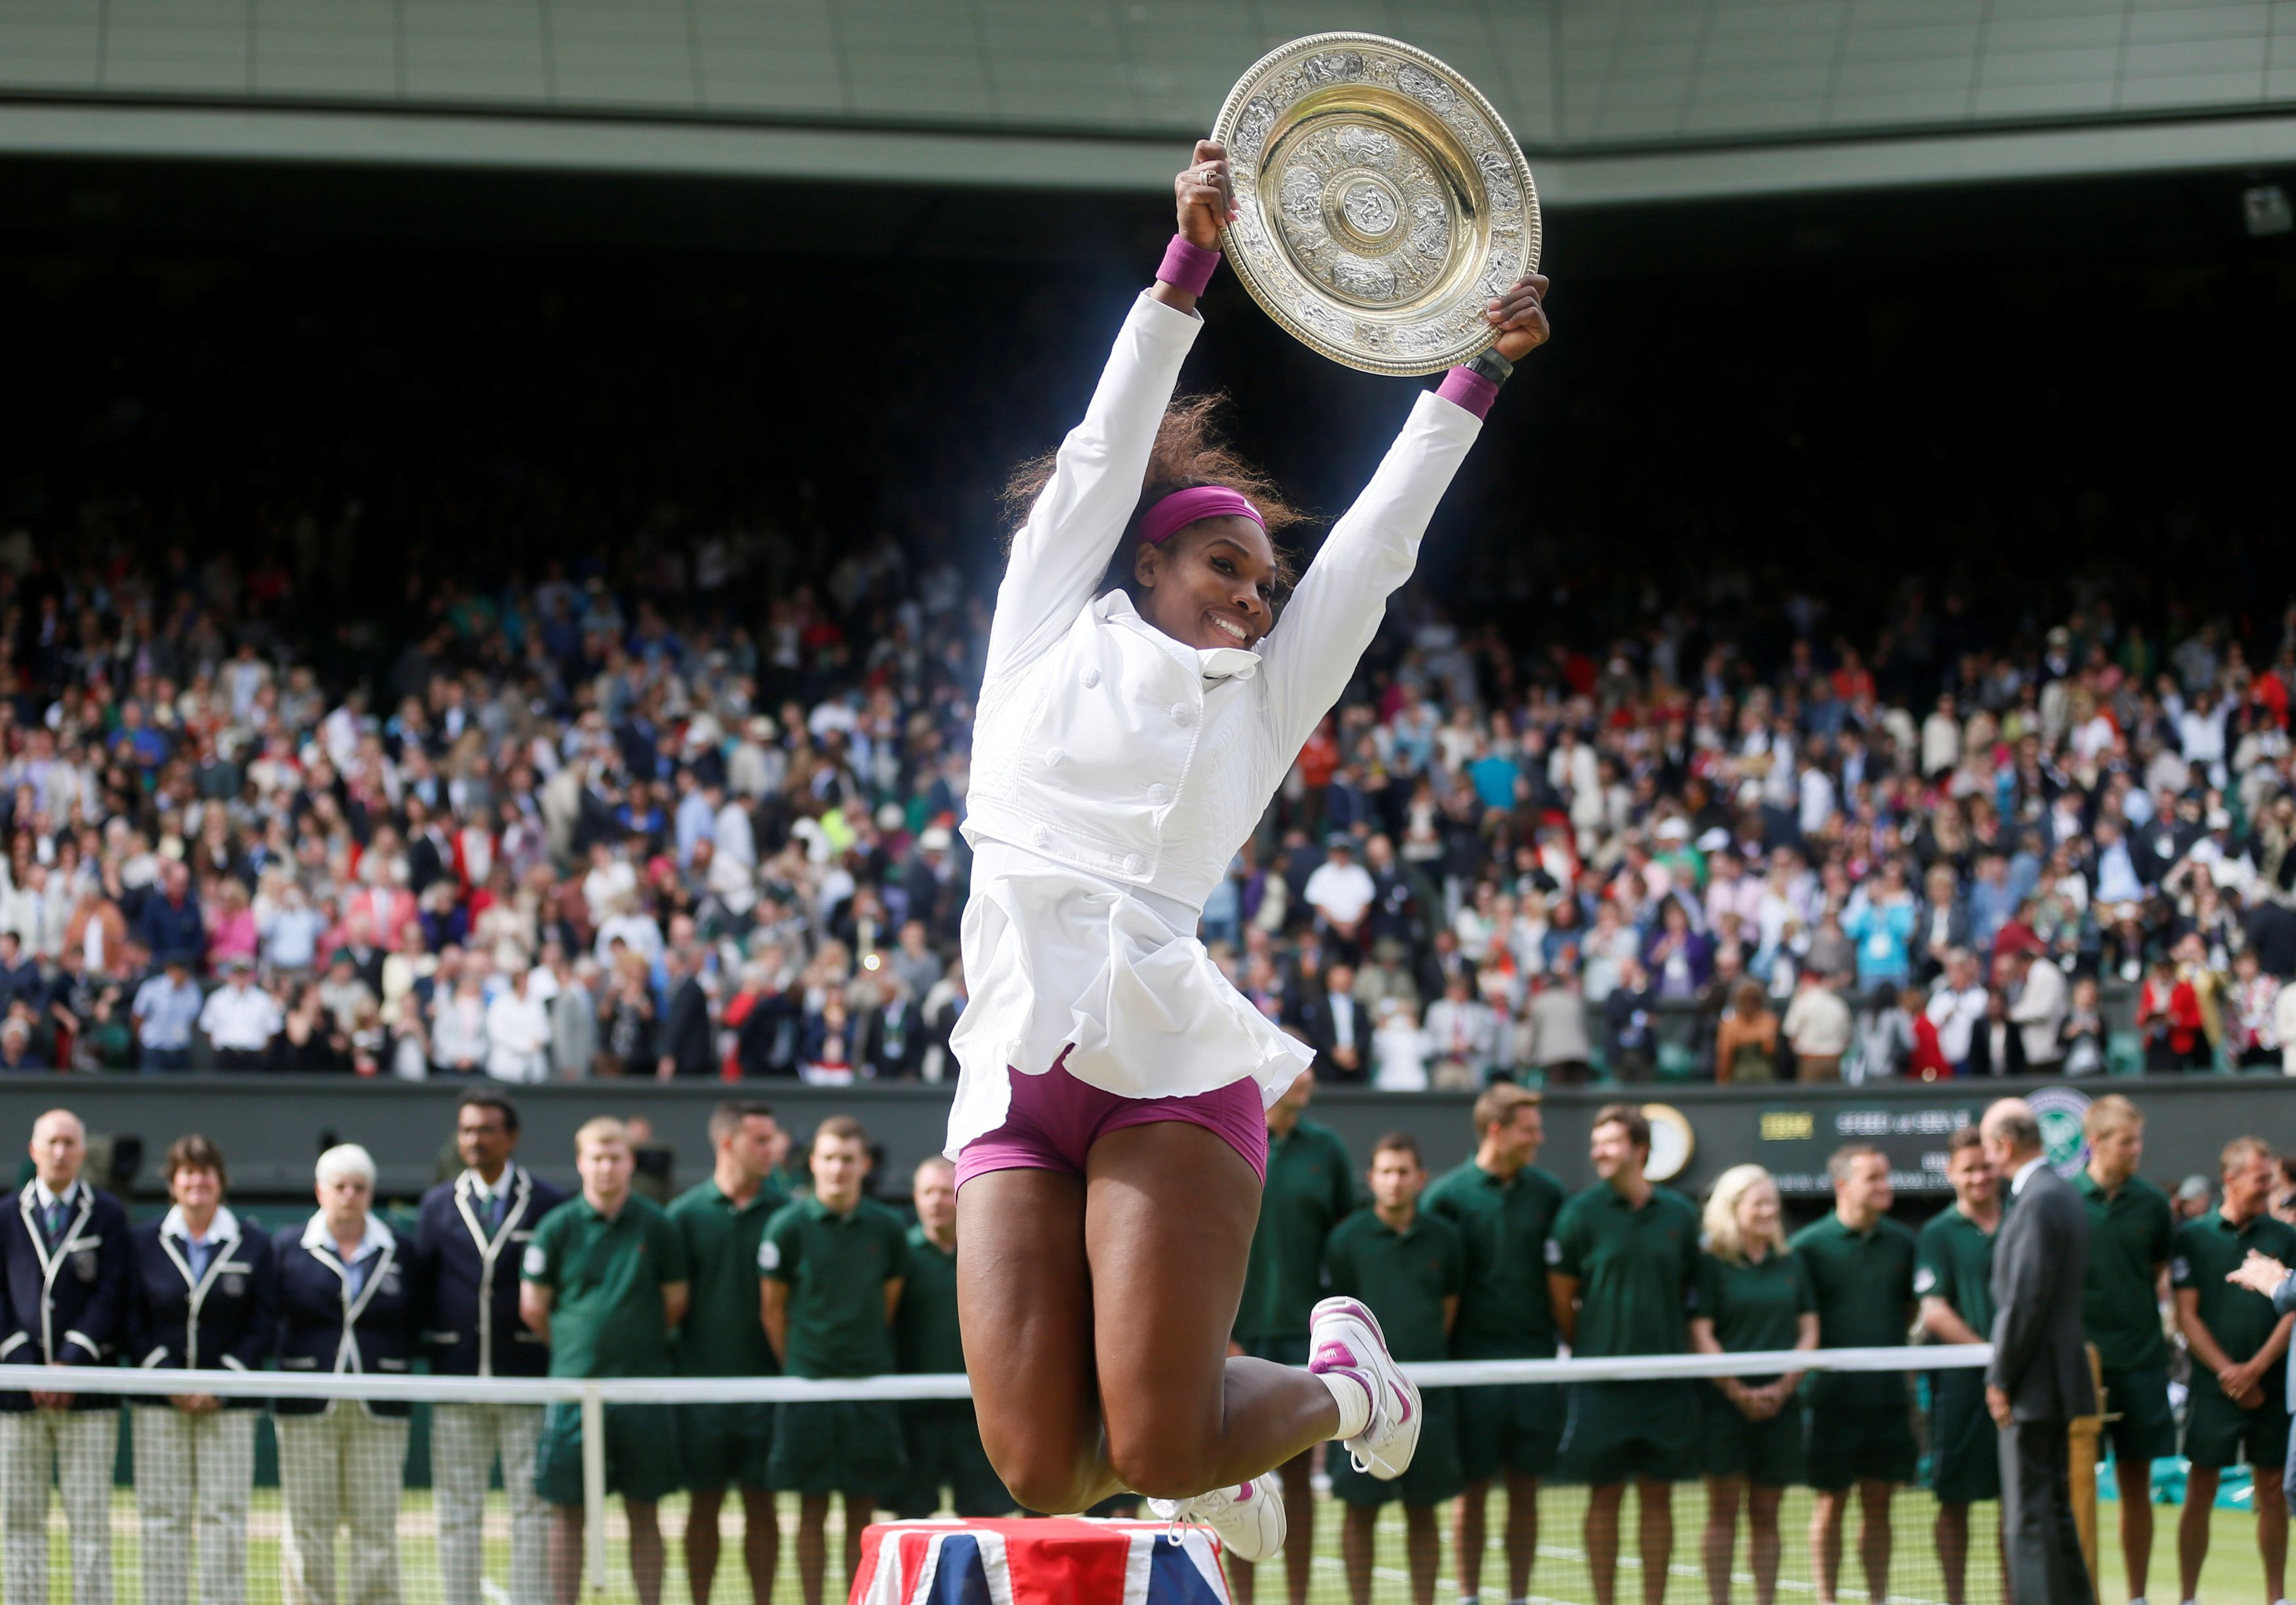 Serena Williams celebra el título de Wimbledon 2012 (Reuters)